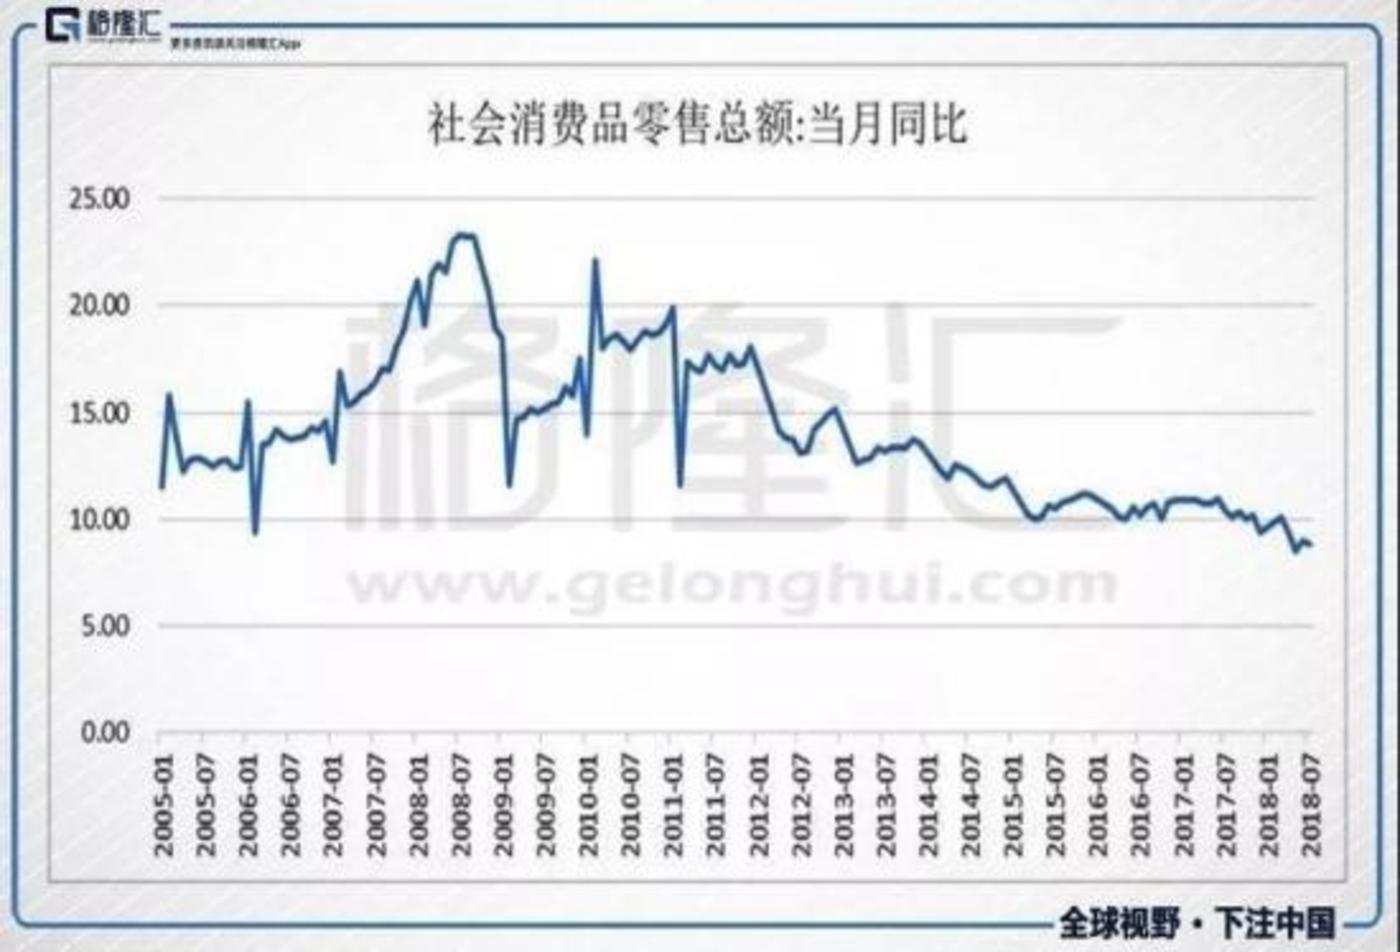 图:社会消费品零售总额(当月同比) 来源:格隆汇